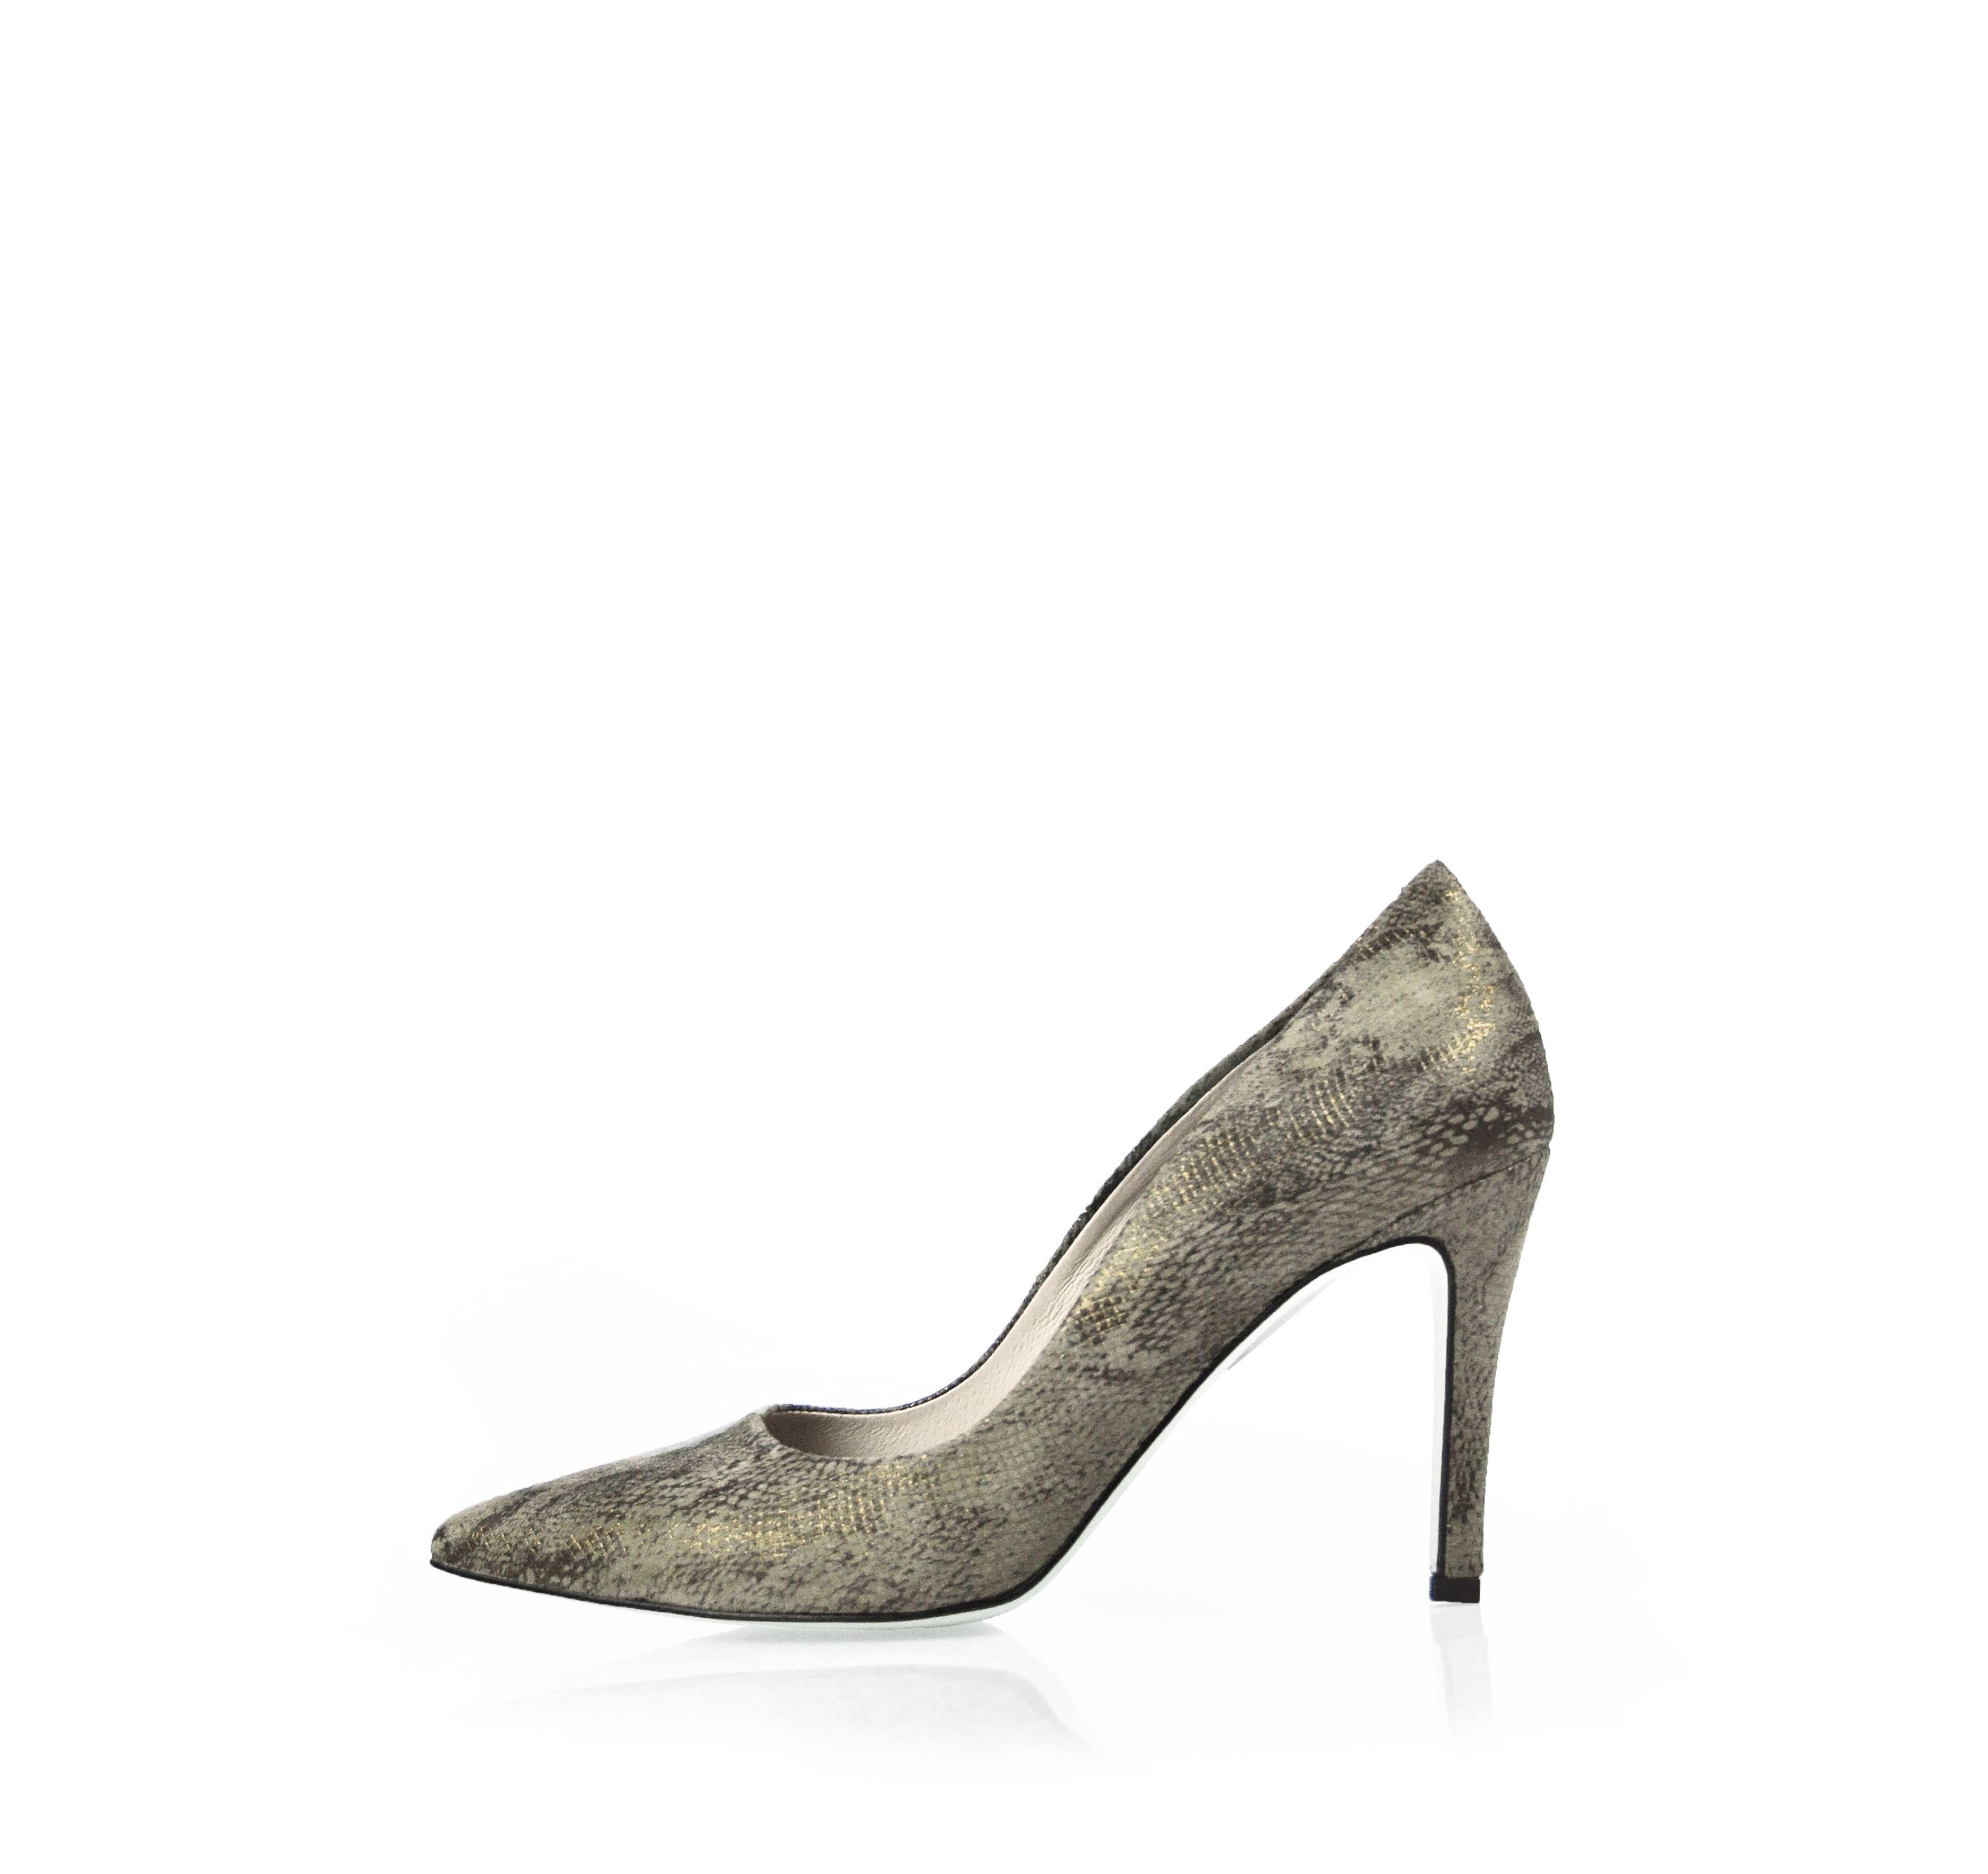 Fashion Shoes Kaniowski Special High Heels Modne Buty Kaniowski Specjalnie Zaprojektowane Wysokie Szpilki Z Wezowej S Colorful Shoes Fashion Lookbook Shoes